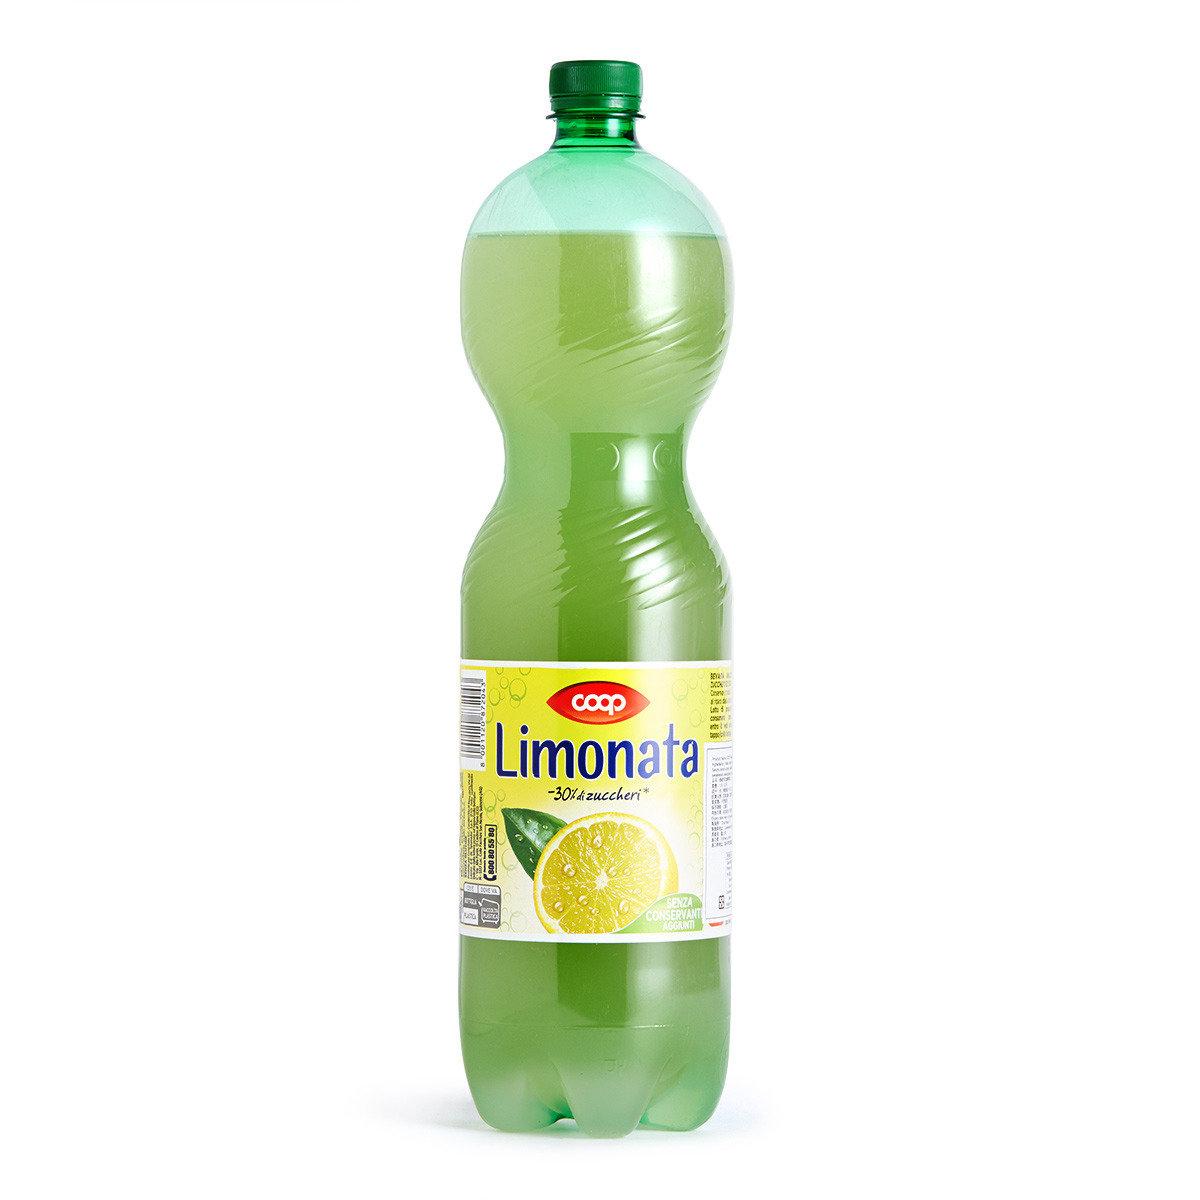 低糖碳酸檸檬水(減糖30%)(賞味期限: 03/11/2016)